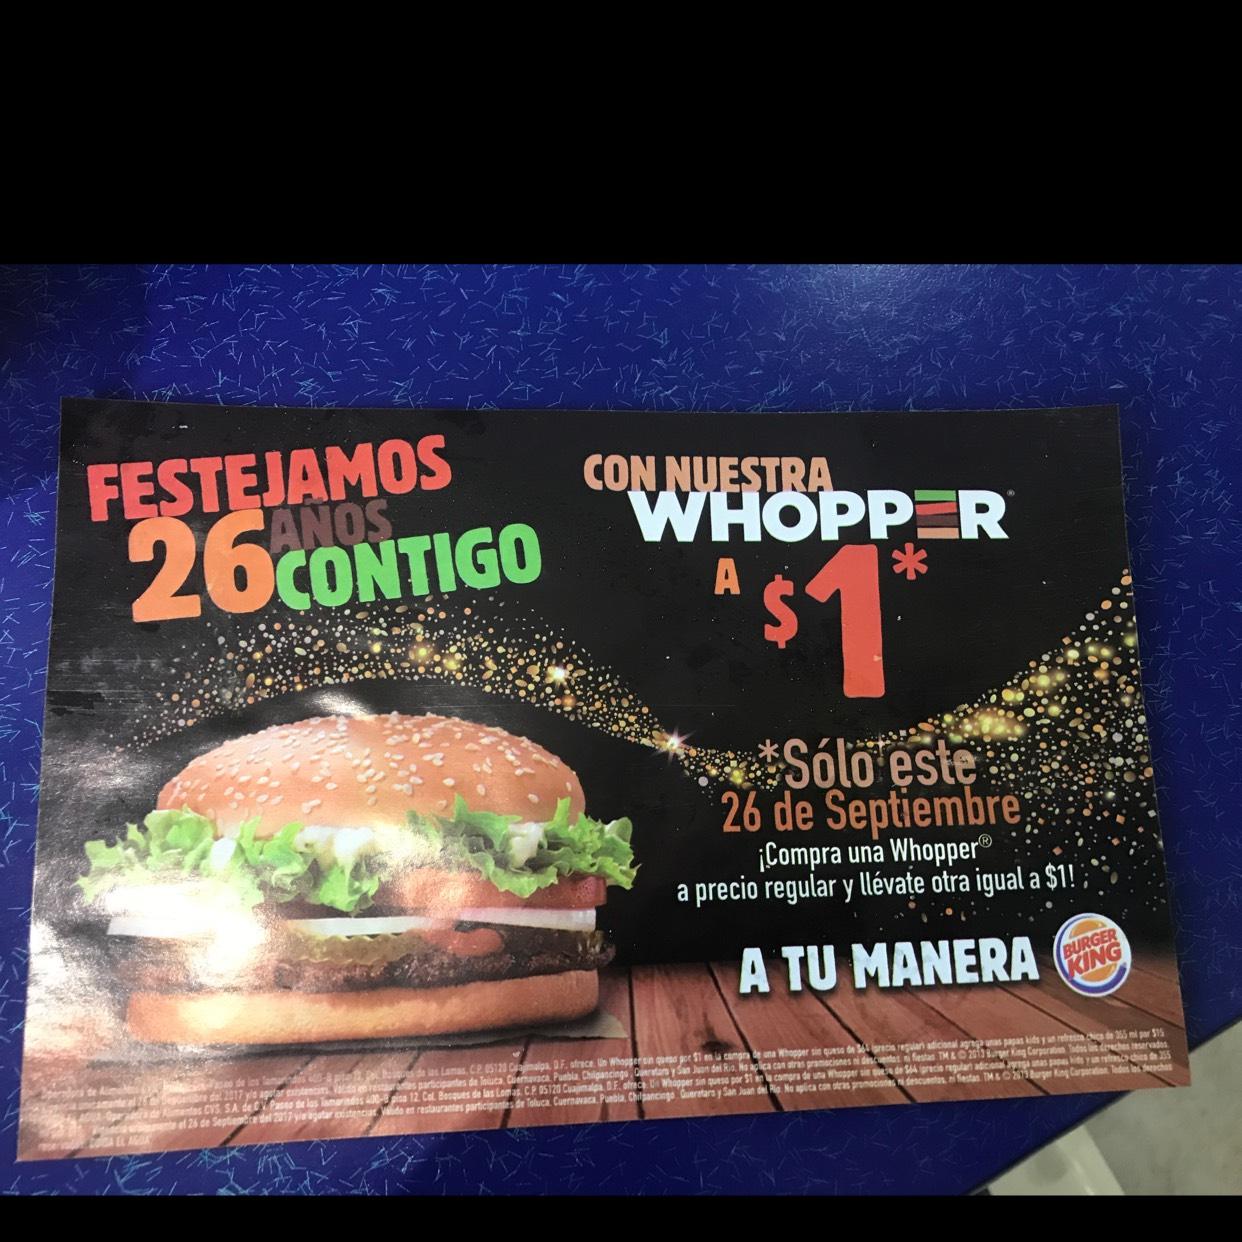 Burger King: Compra una Whopper a precio regular y llevate la segunda a $1.